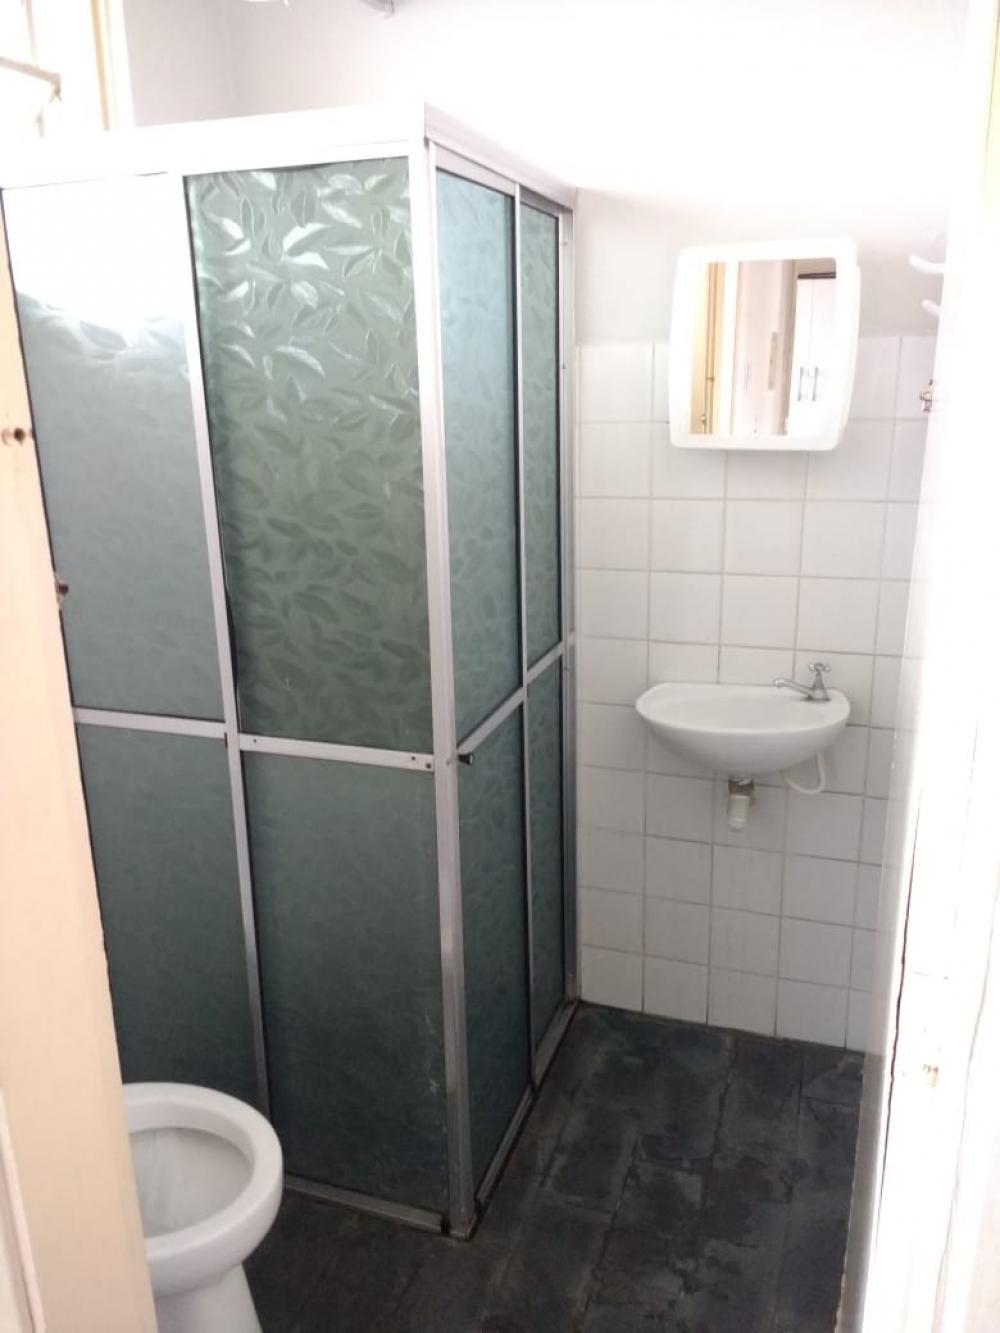 Comprar Apartamento / Padrão em São José do Rio Preto apenas R$ 110.000,00 - Foto 8